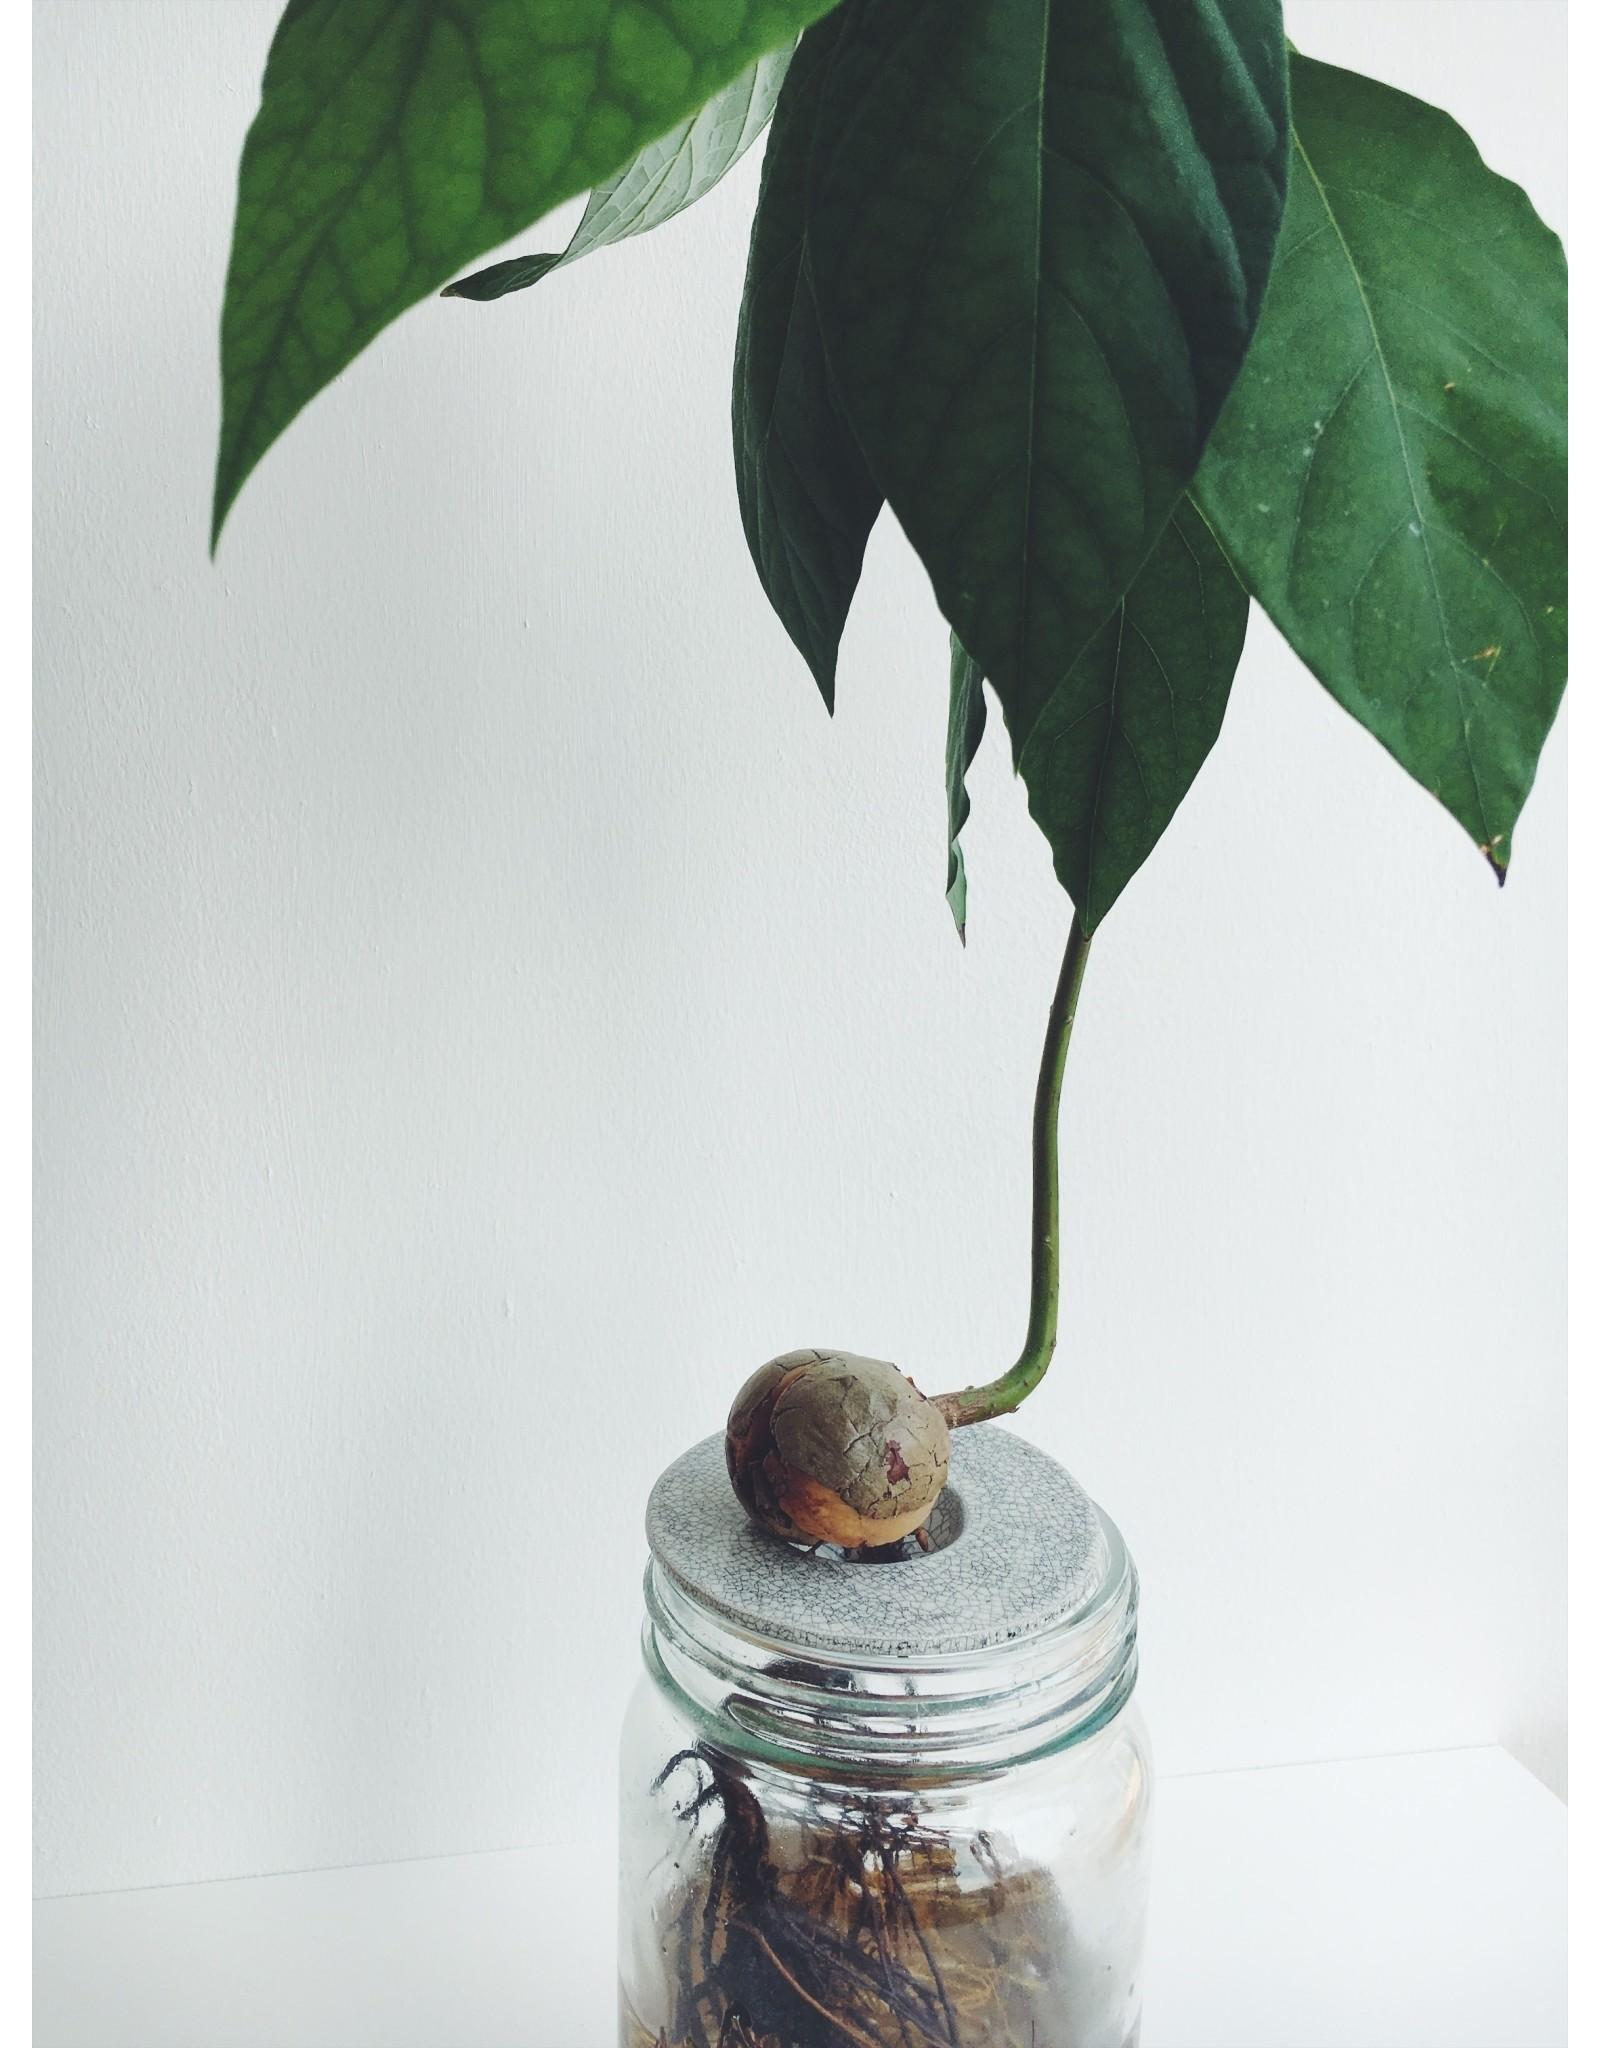 Avocado Growing Kit